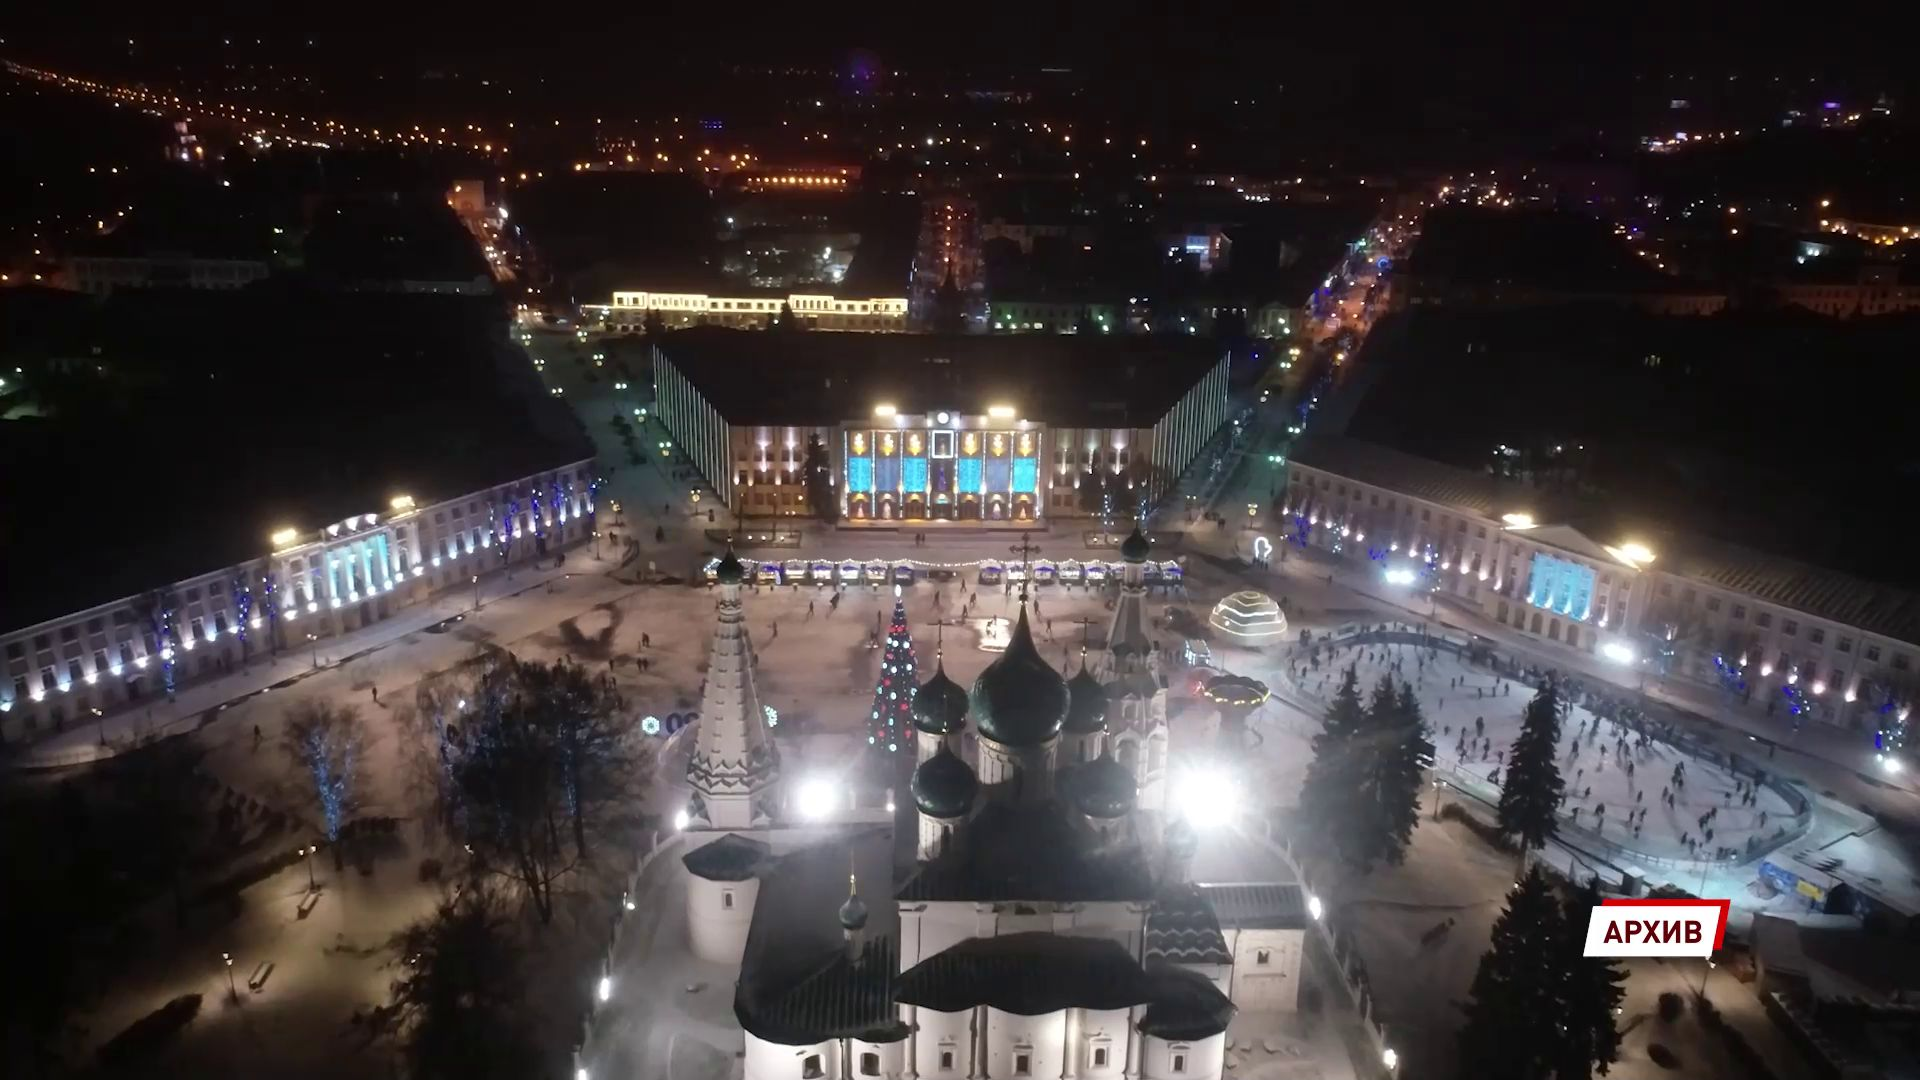 В Ярославле создадут приложение для планирования маршрута по столице Золотого кольца